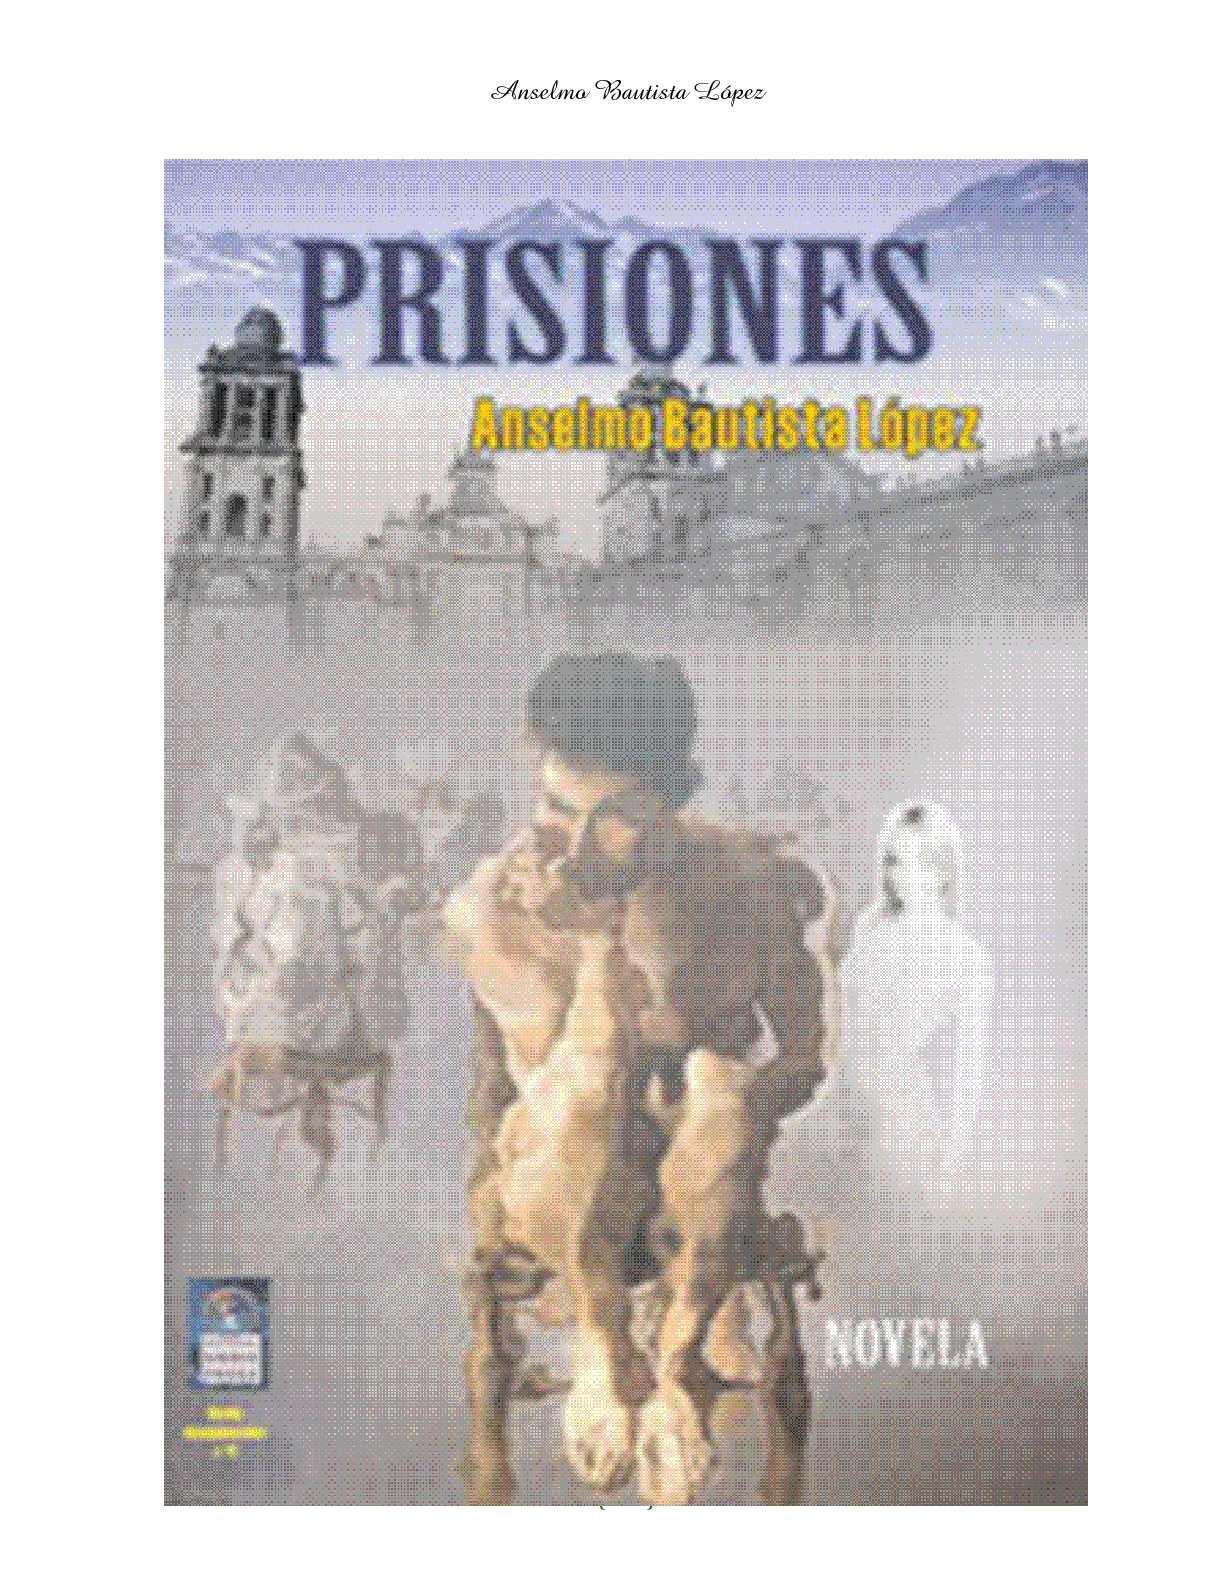 Batas Con Botones Al Frente Videos Porno calaméo - prisiones